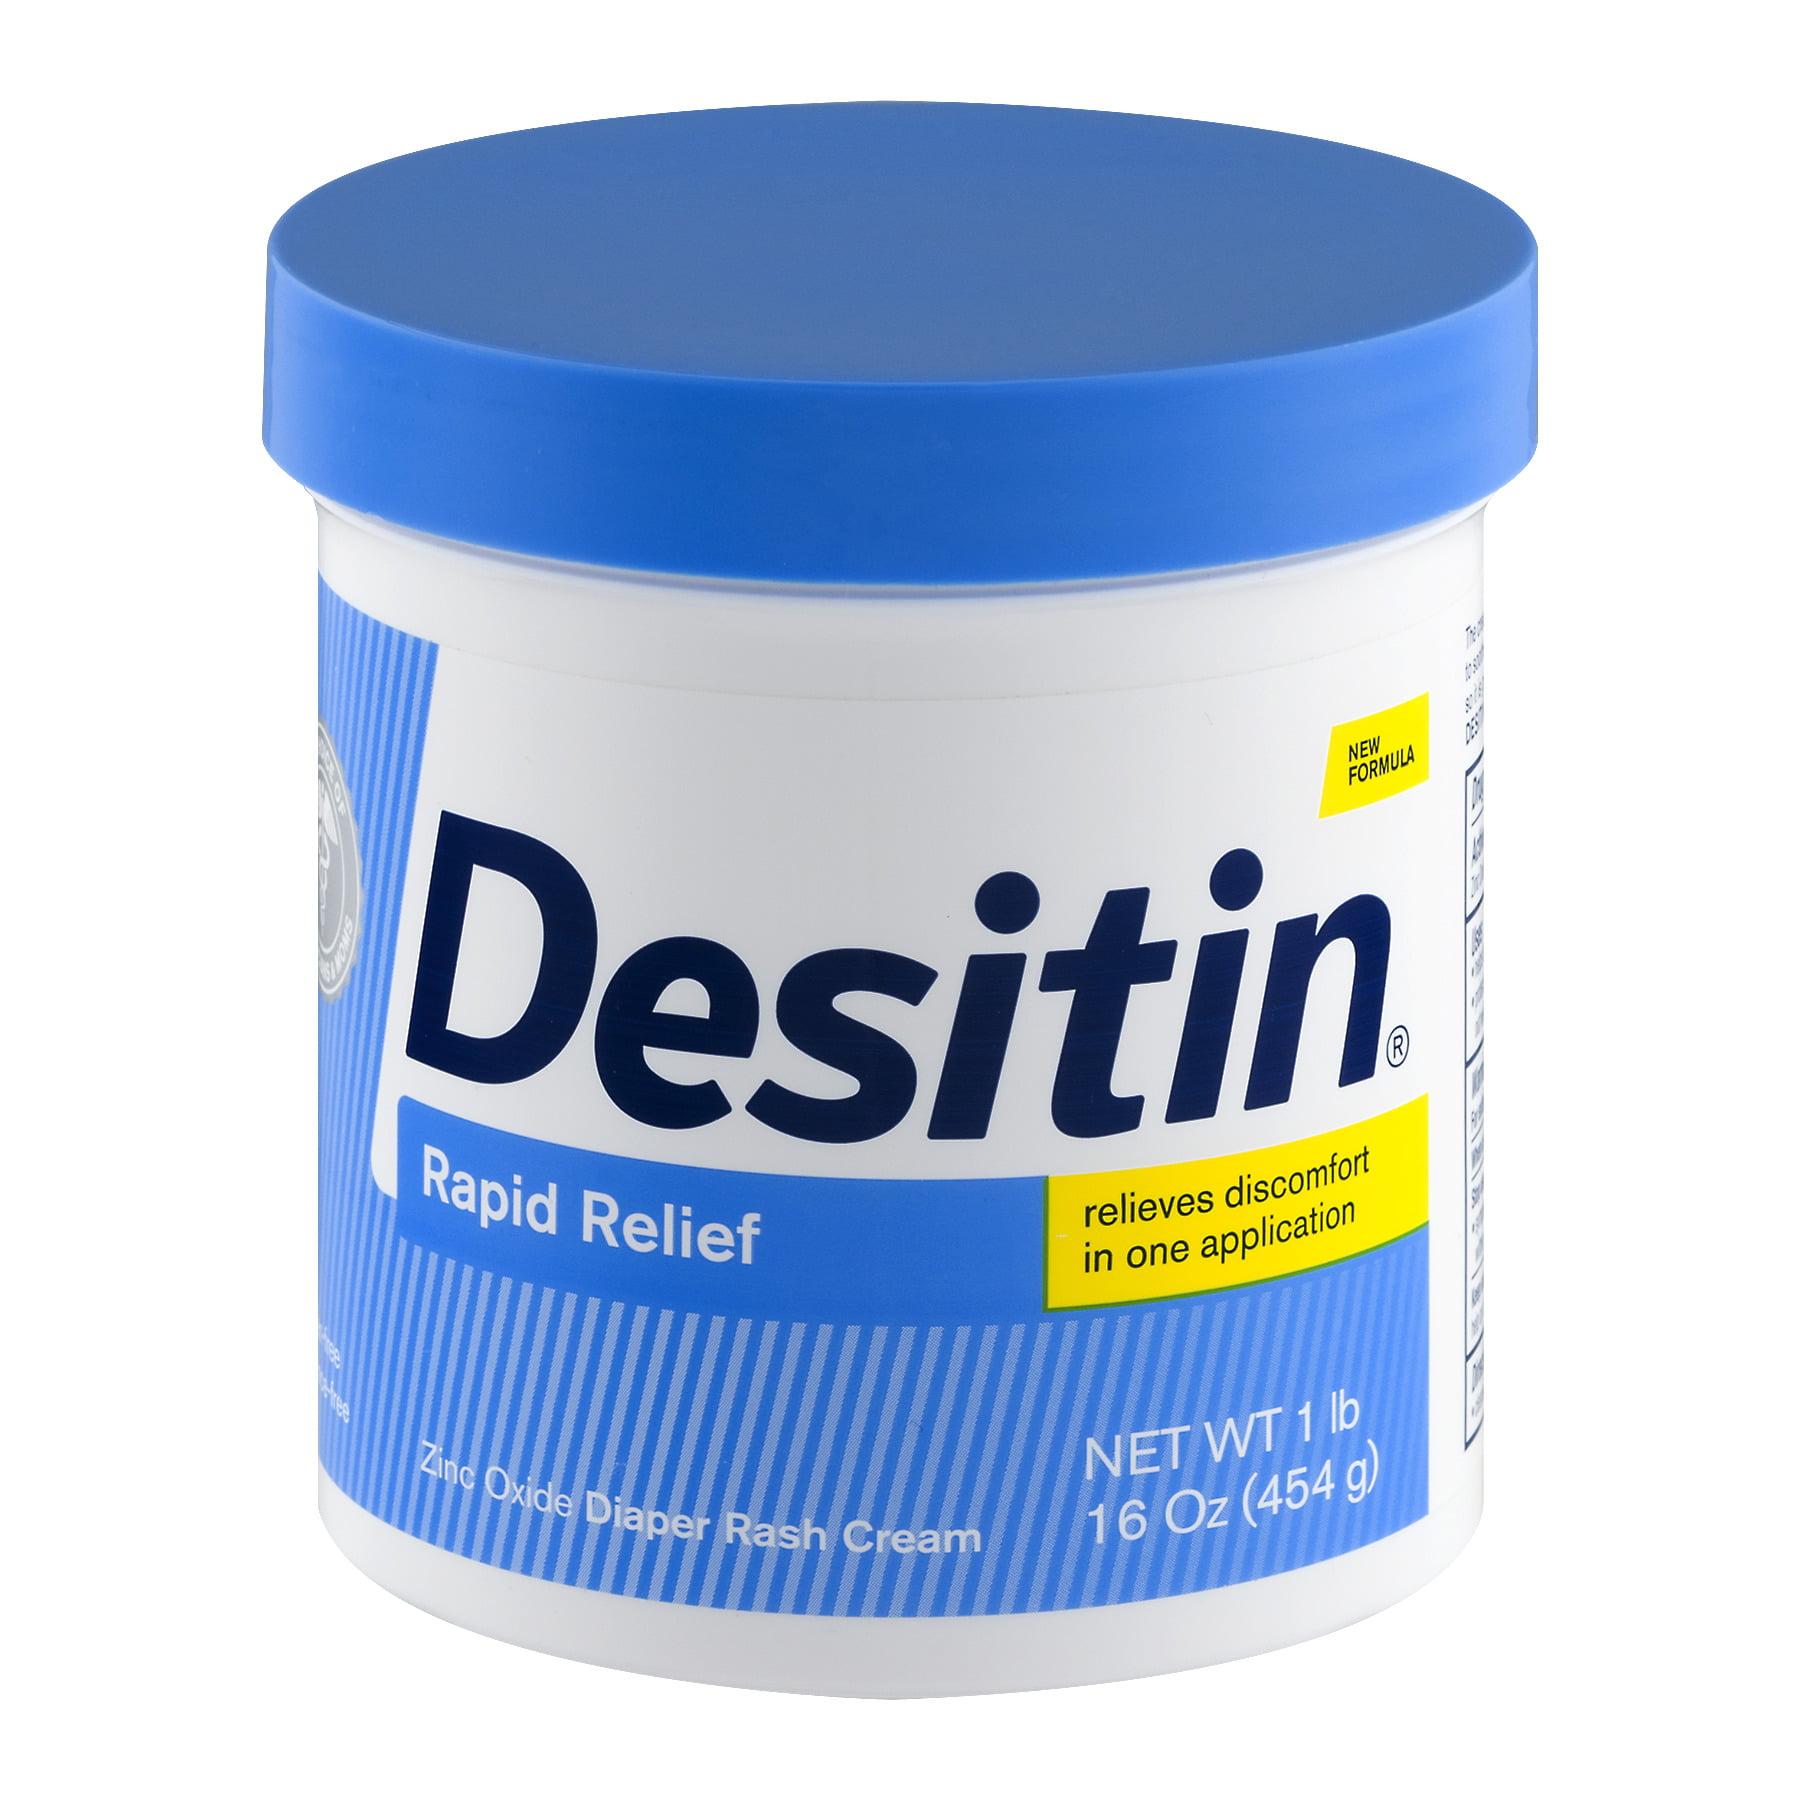 Desitin Rapid Relief Diaper Rash Cream, 16.0 OZ